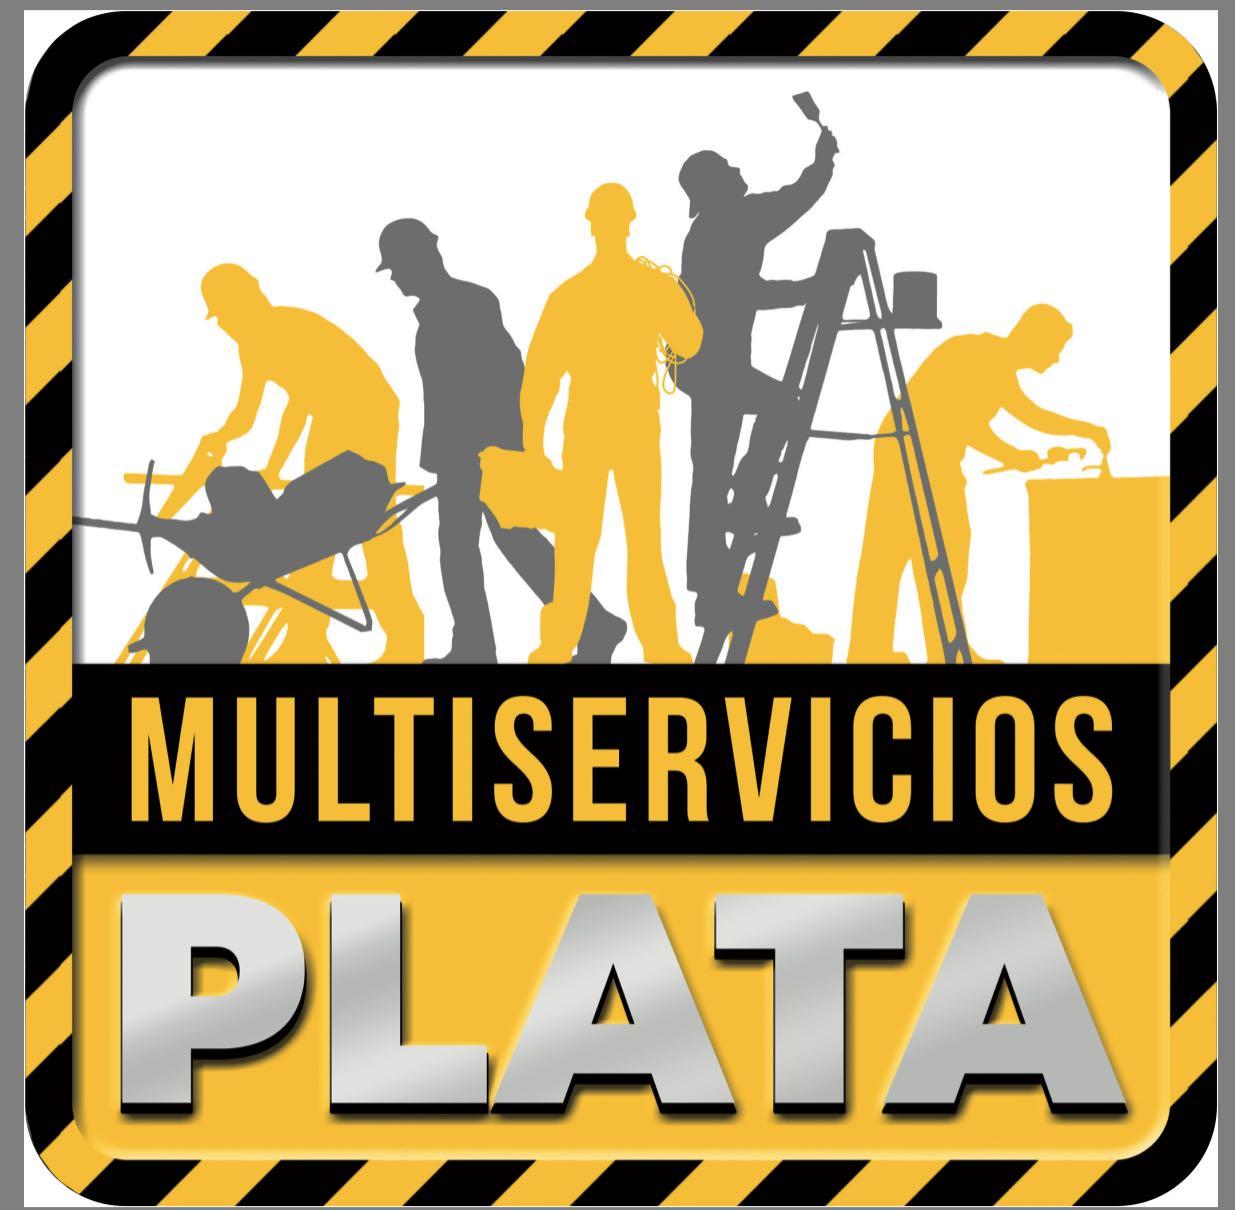 Multiservicios Plata